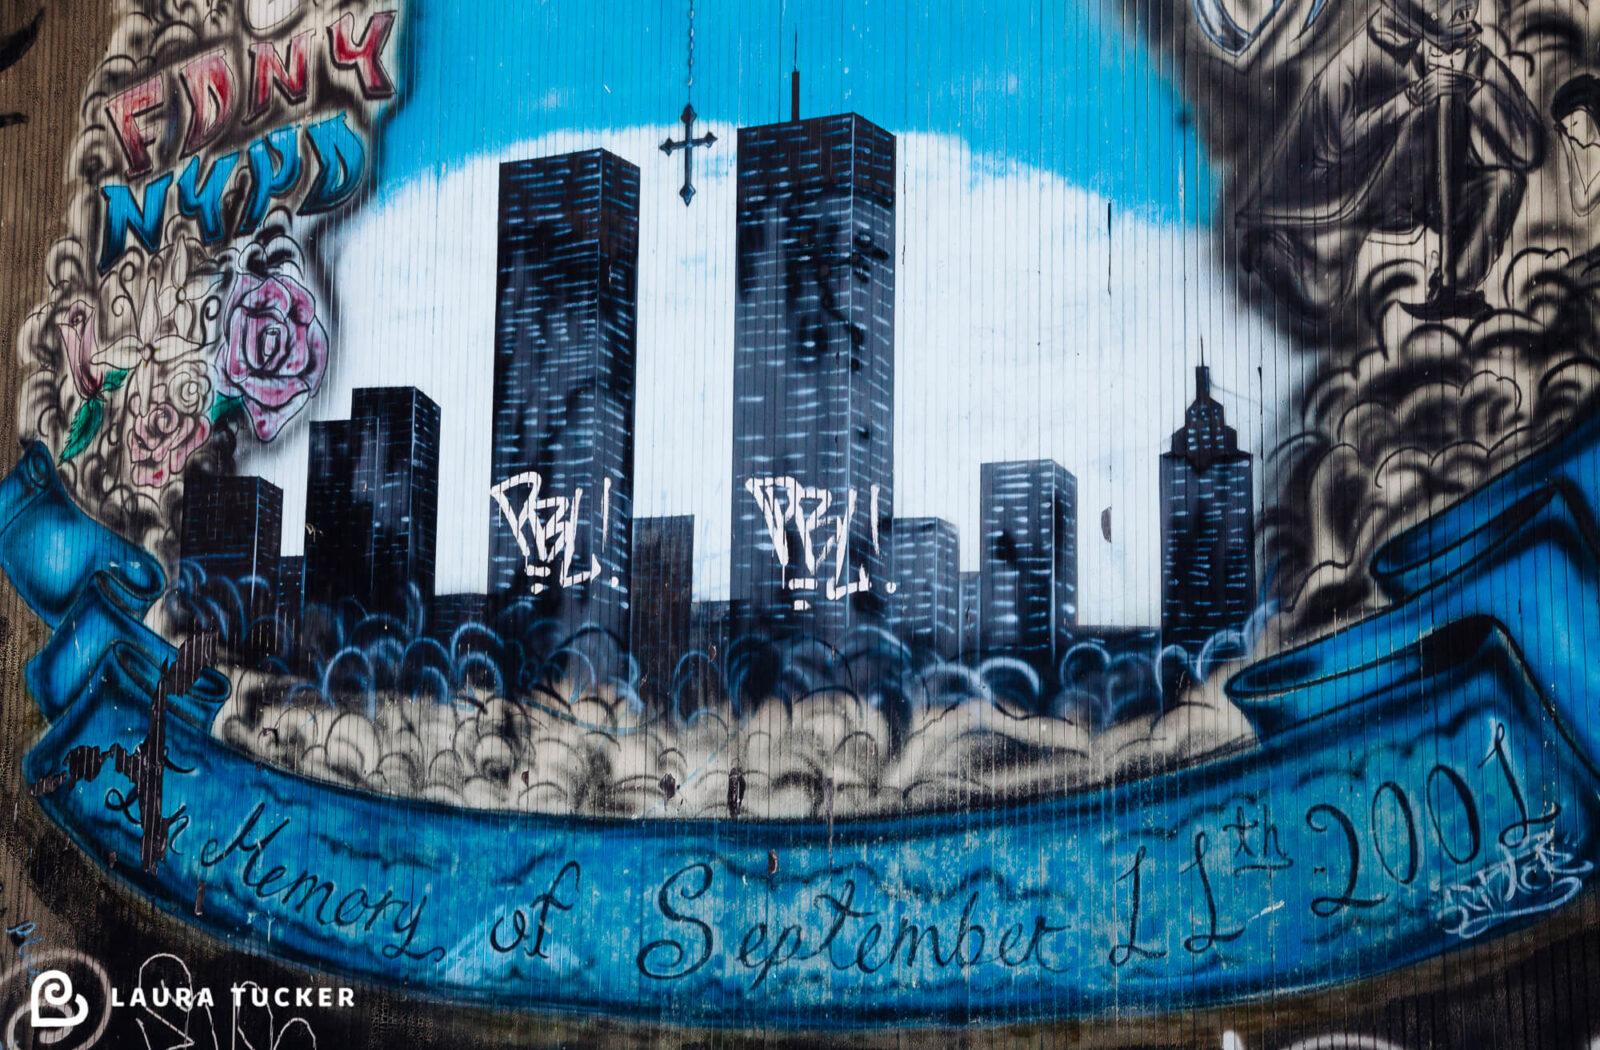 September 11 Memorial Graffitti